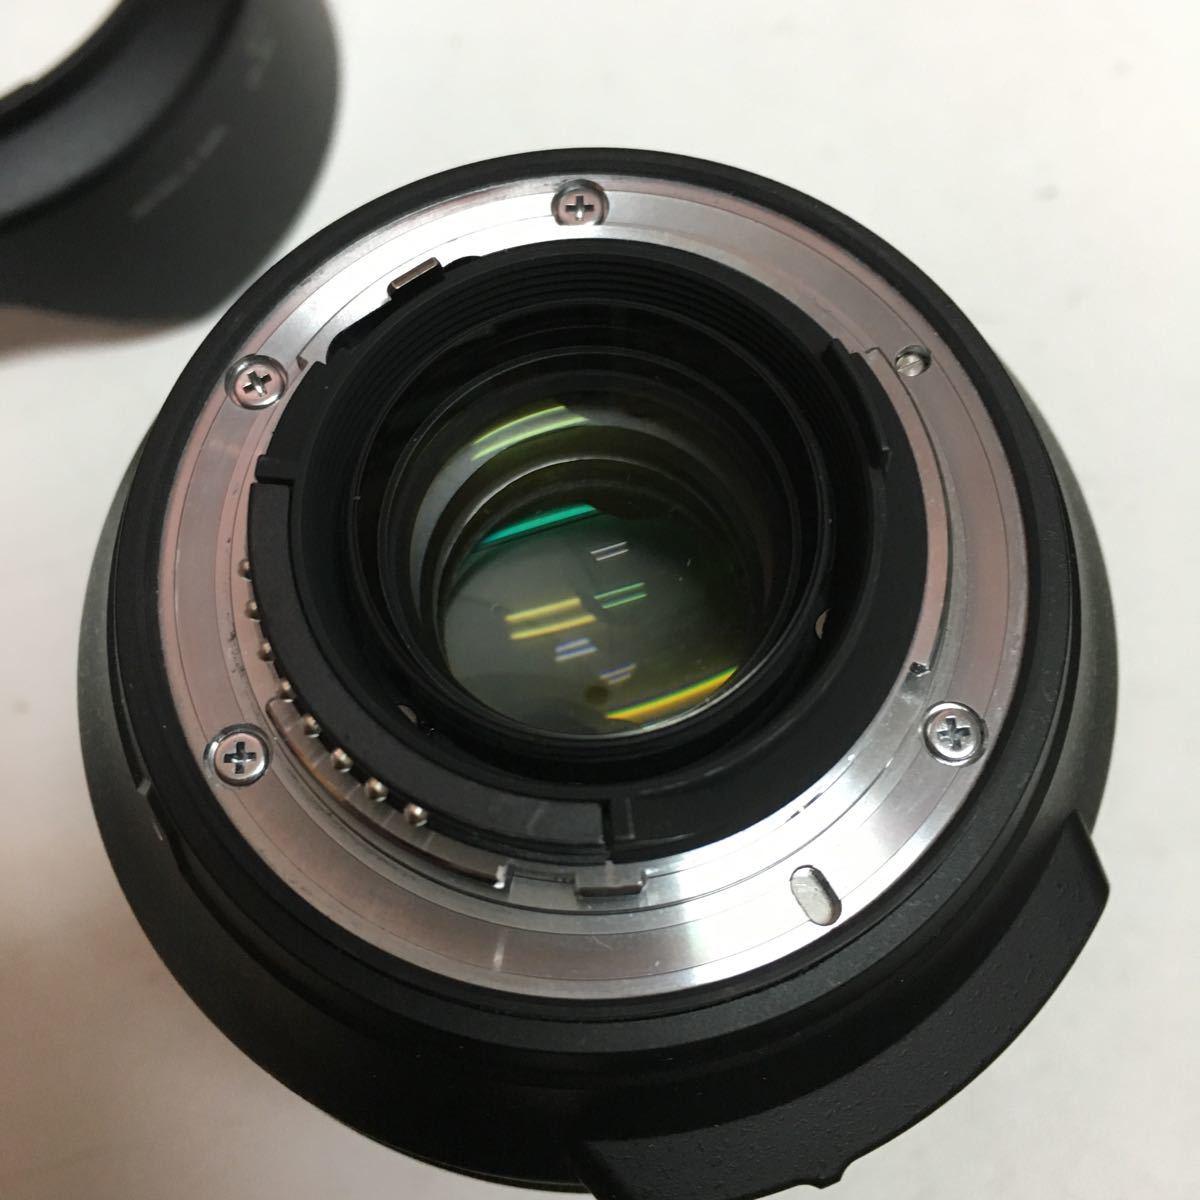 混入あり Nikon 標準ズームレンズ AF-S NIKKOR 24-120mm f/4G ED VR フルサイズ対応_画像6